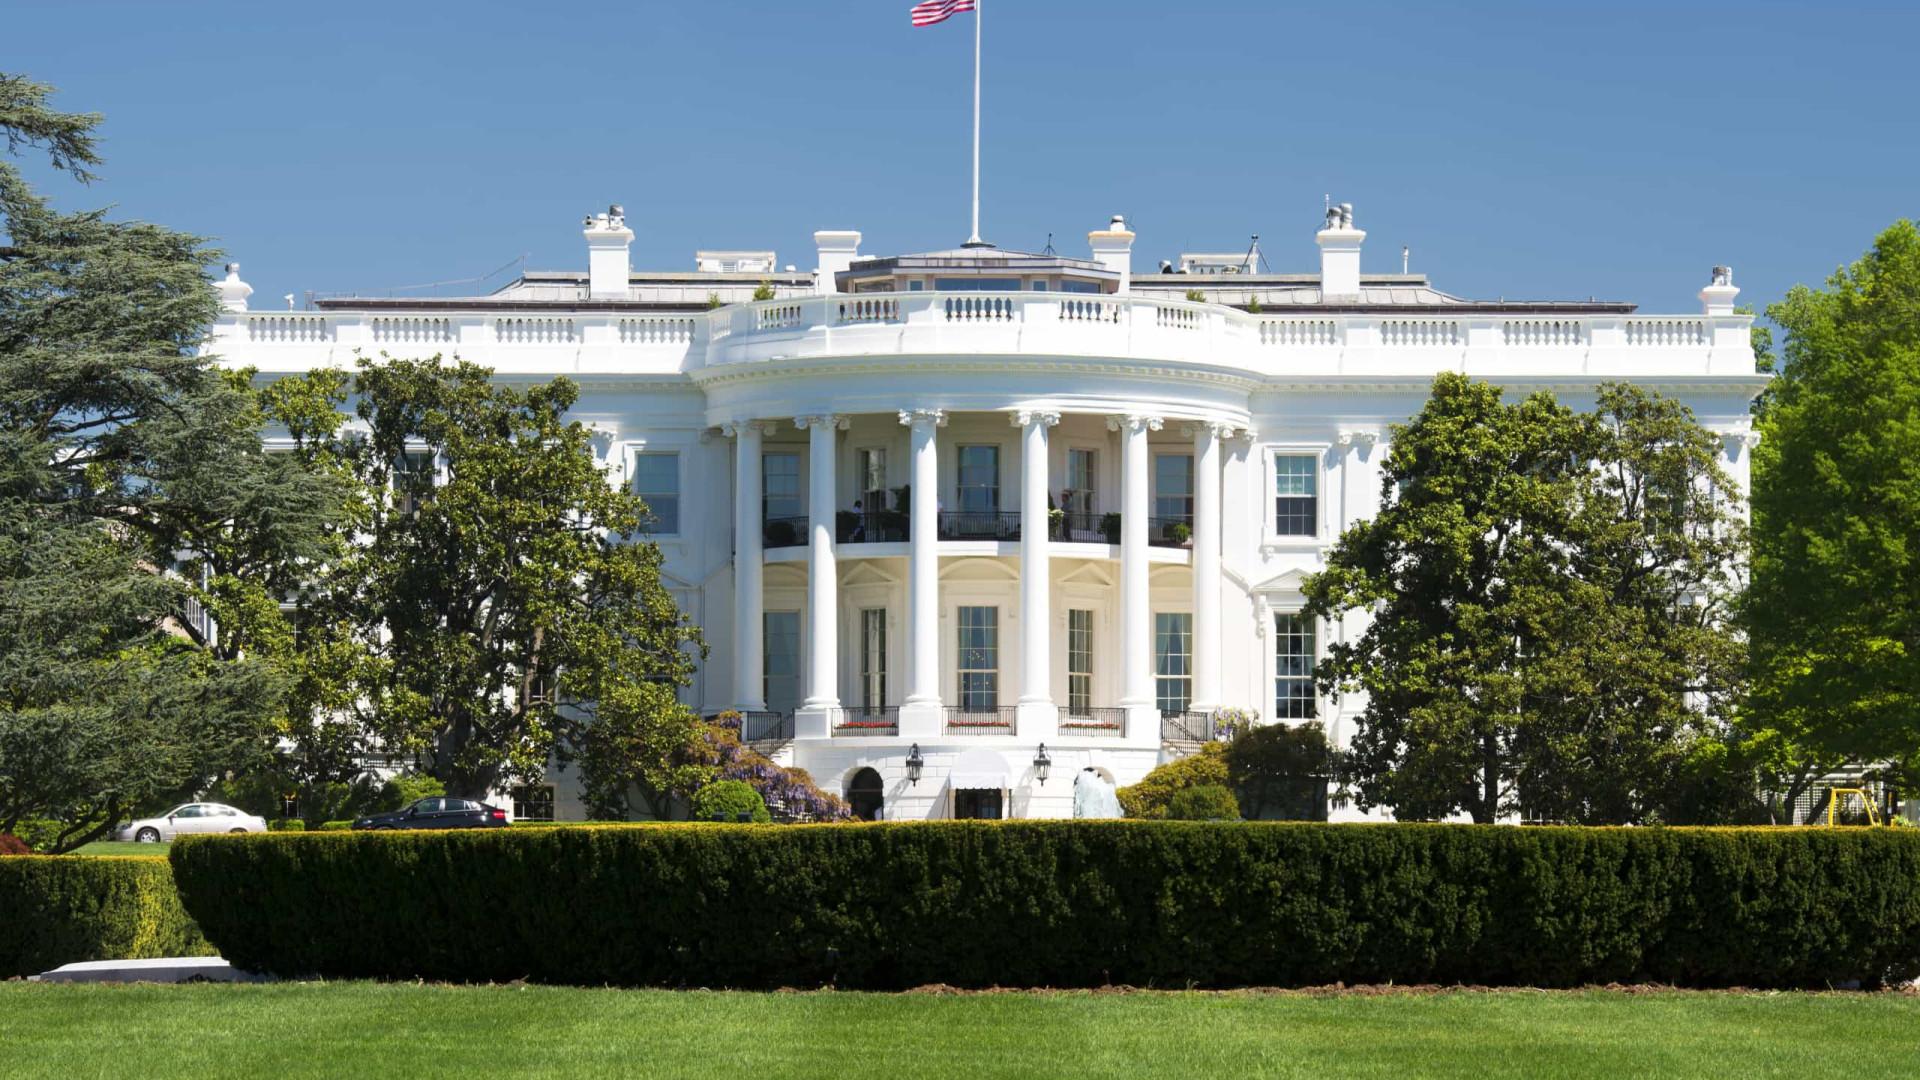 Justiça investiga propina para Casa Branca em concessões de perdão presidencial nos EUA